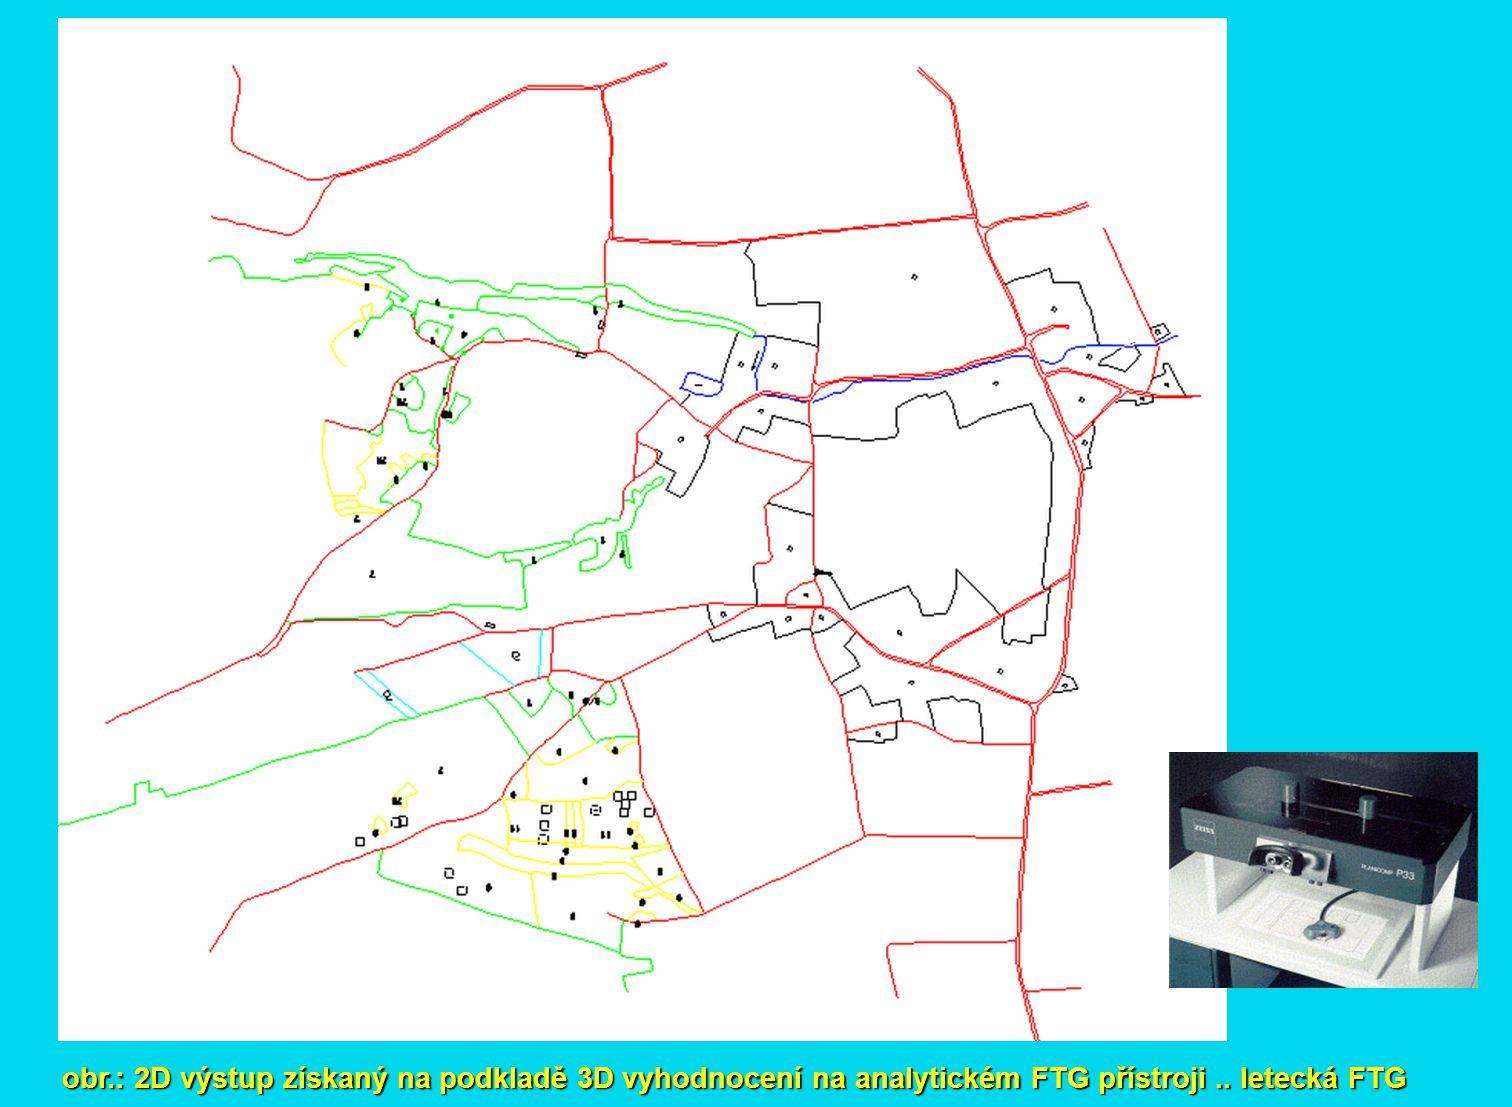 obr.: 2D výstup získaný na podkladě 3D vyhodnocení na analytickém FTG přístroji.. letecká FTG